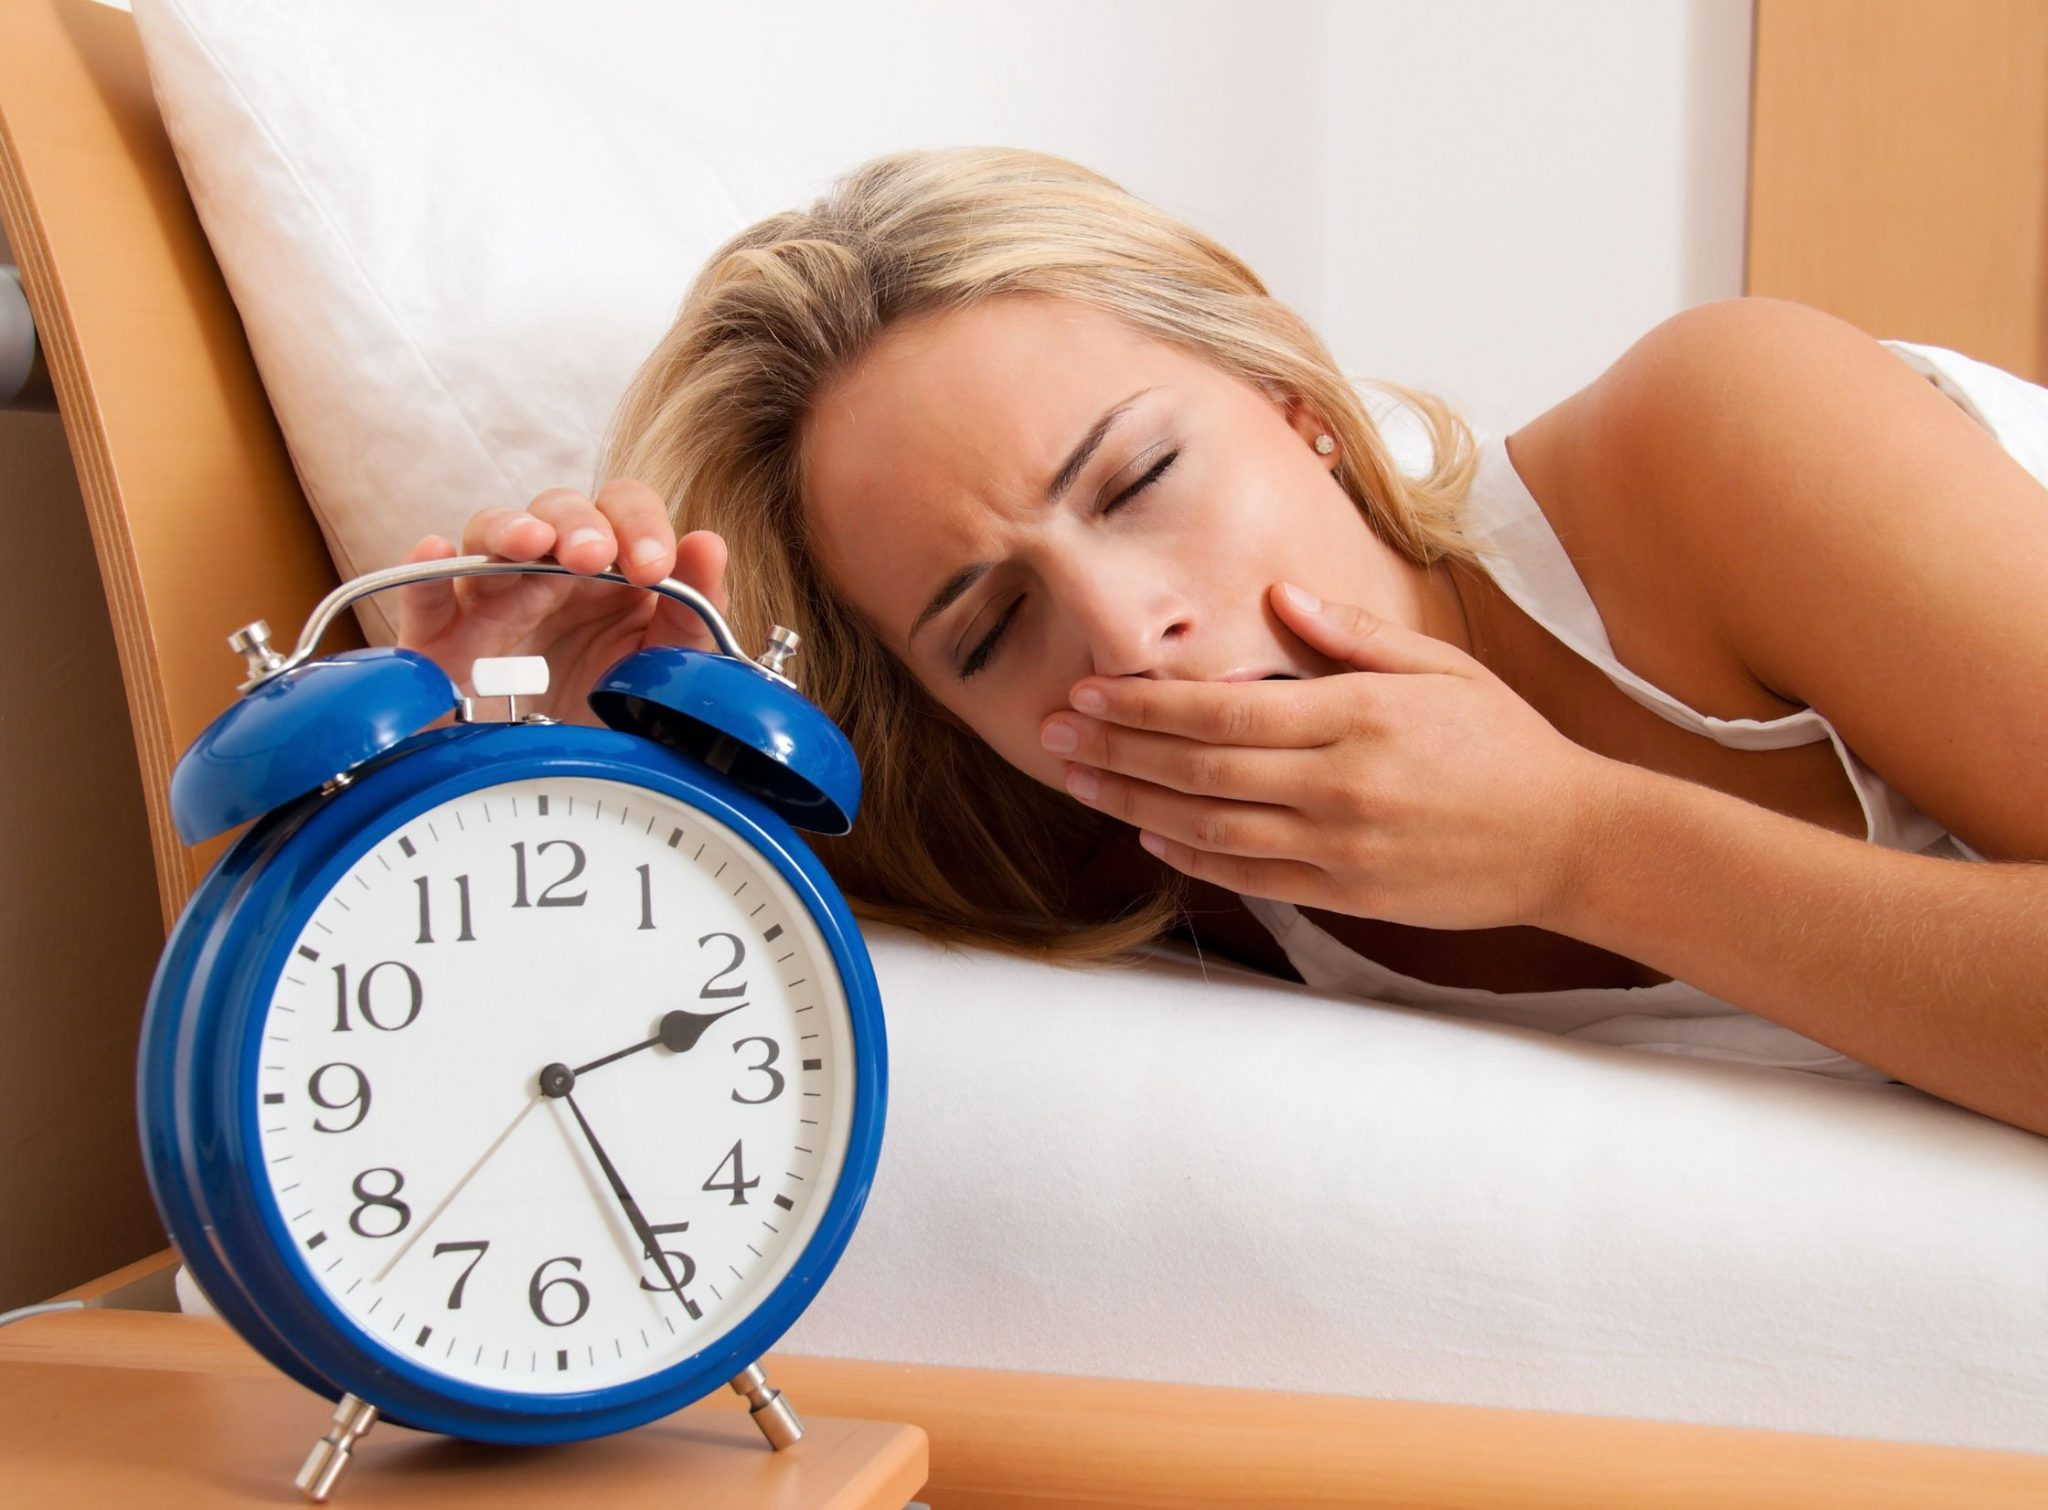 Используя правило 6/30, вы наконец-то сможете выспаться